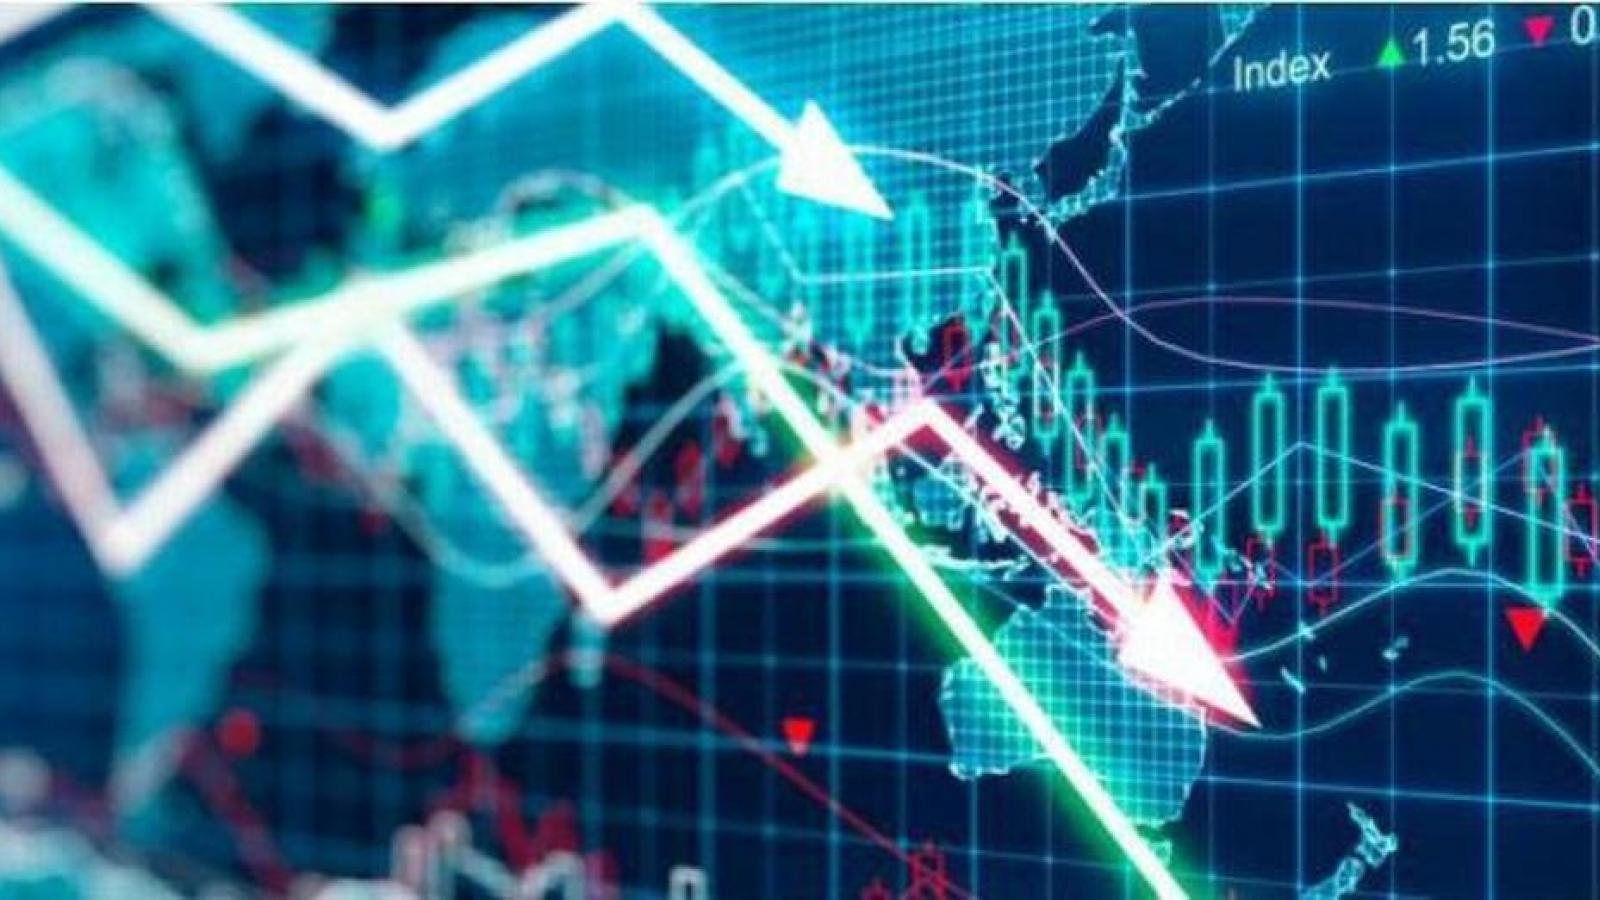 Đề xuất giảm 50% mức thu khoản phí, lễ phí trong lĩnh vực chứng khoán